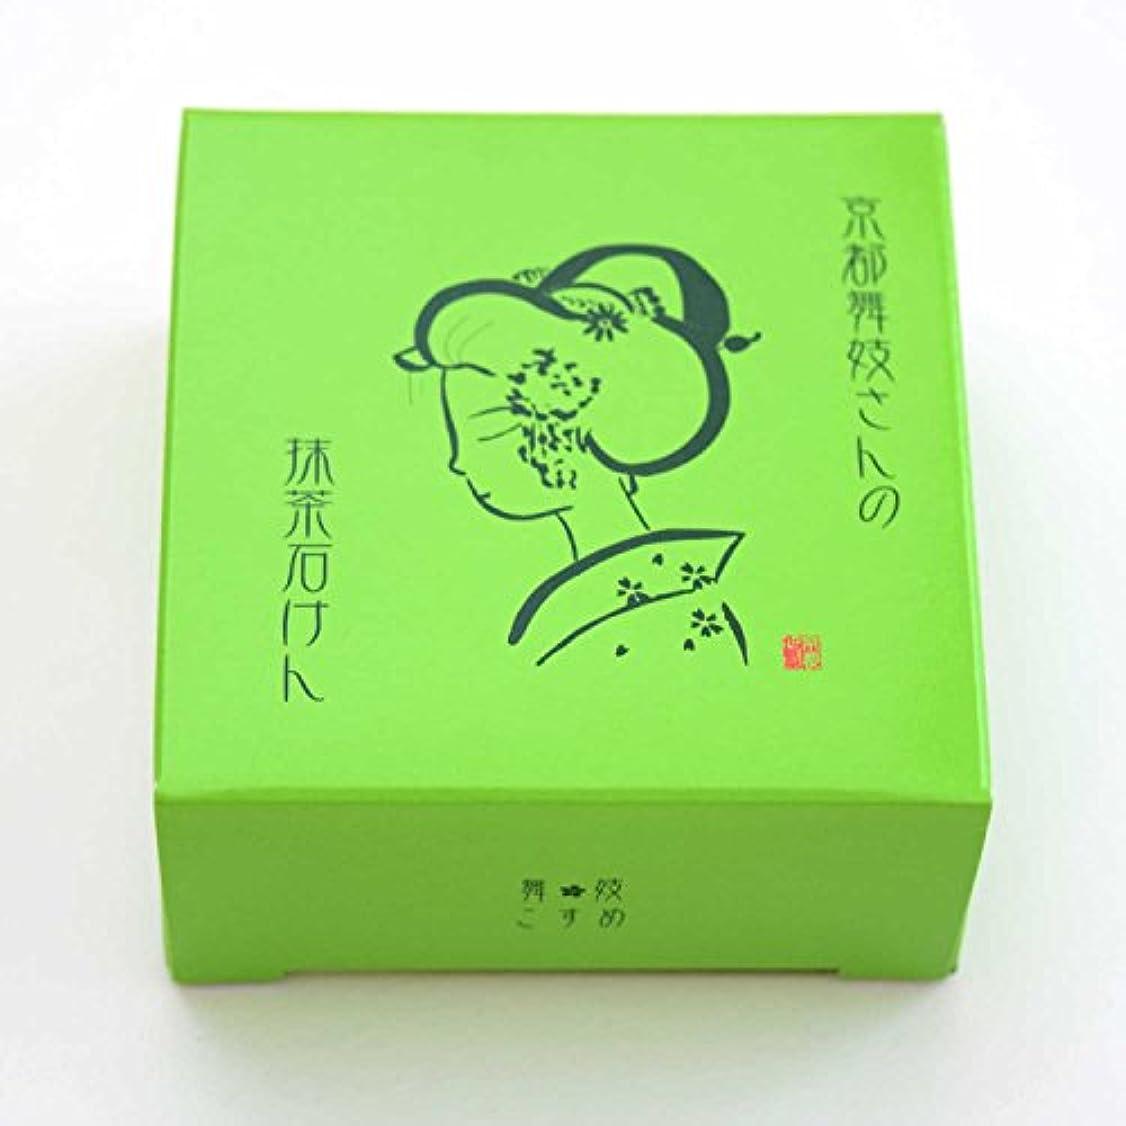 リース地殻副産物京都限定 舞妓さんの抹茶石鹸 茶エキス配合 無香料